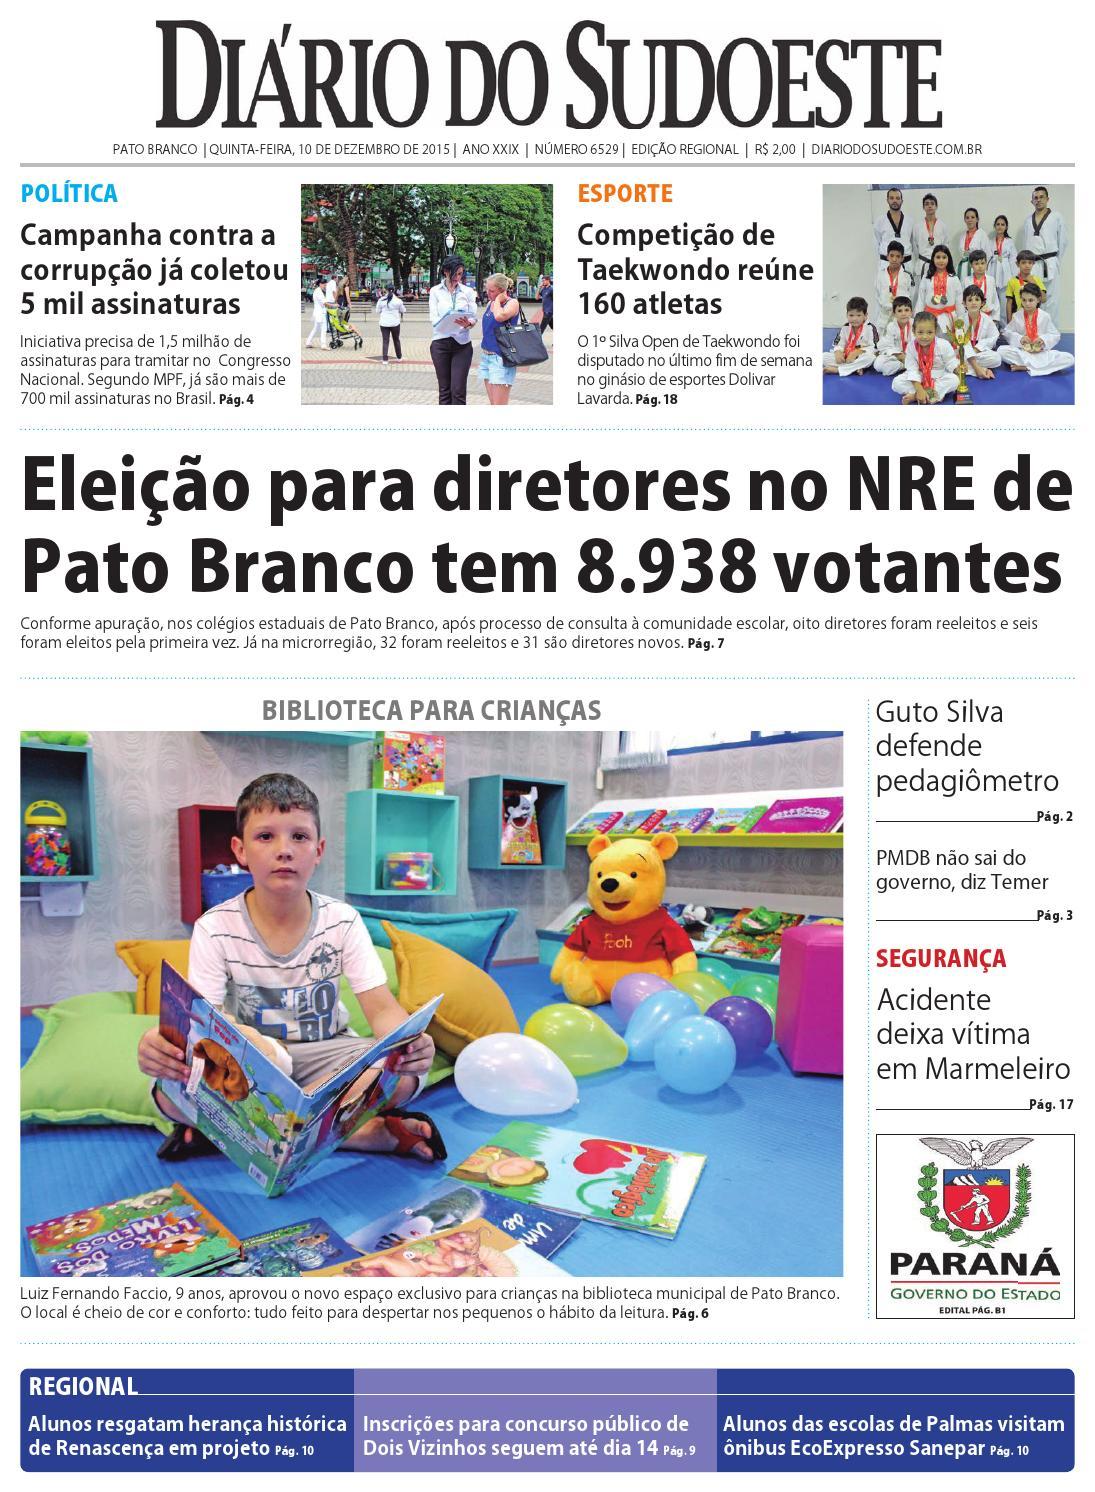 be8e7d82eda71 Diário do sudoeste 10 de dezembro de 2015 ed 6529 by Diário do Sudoeste -  issuu